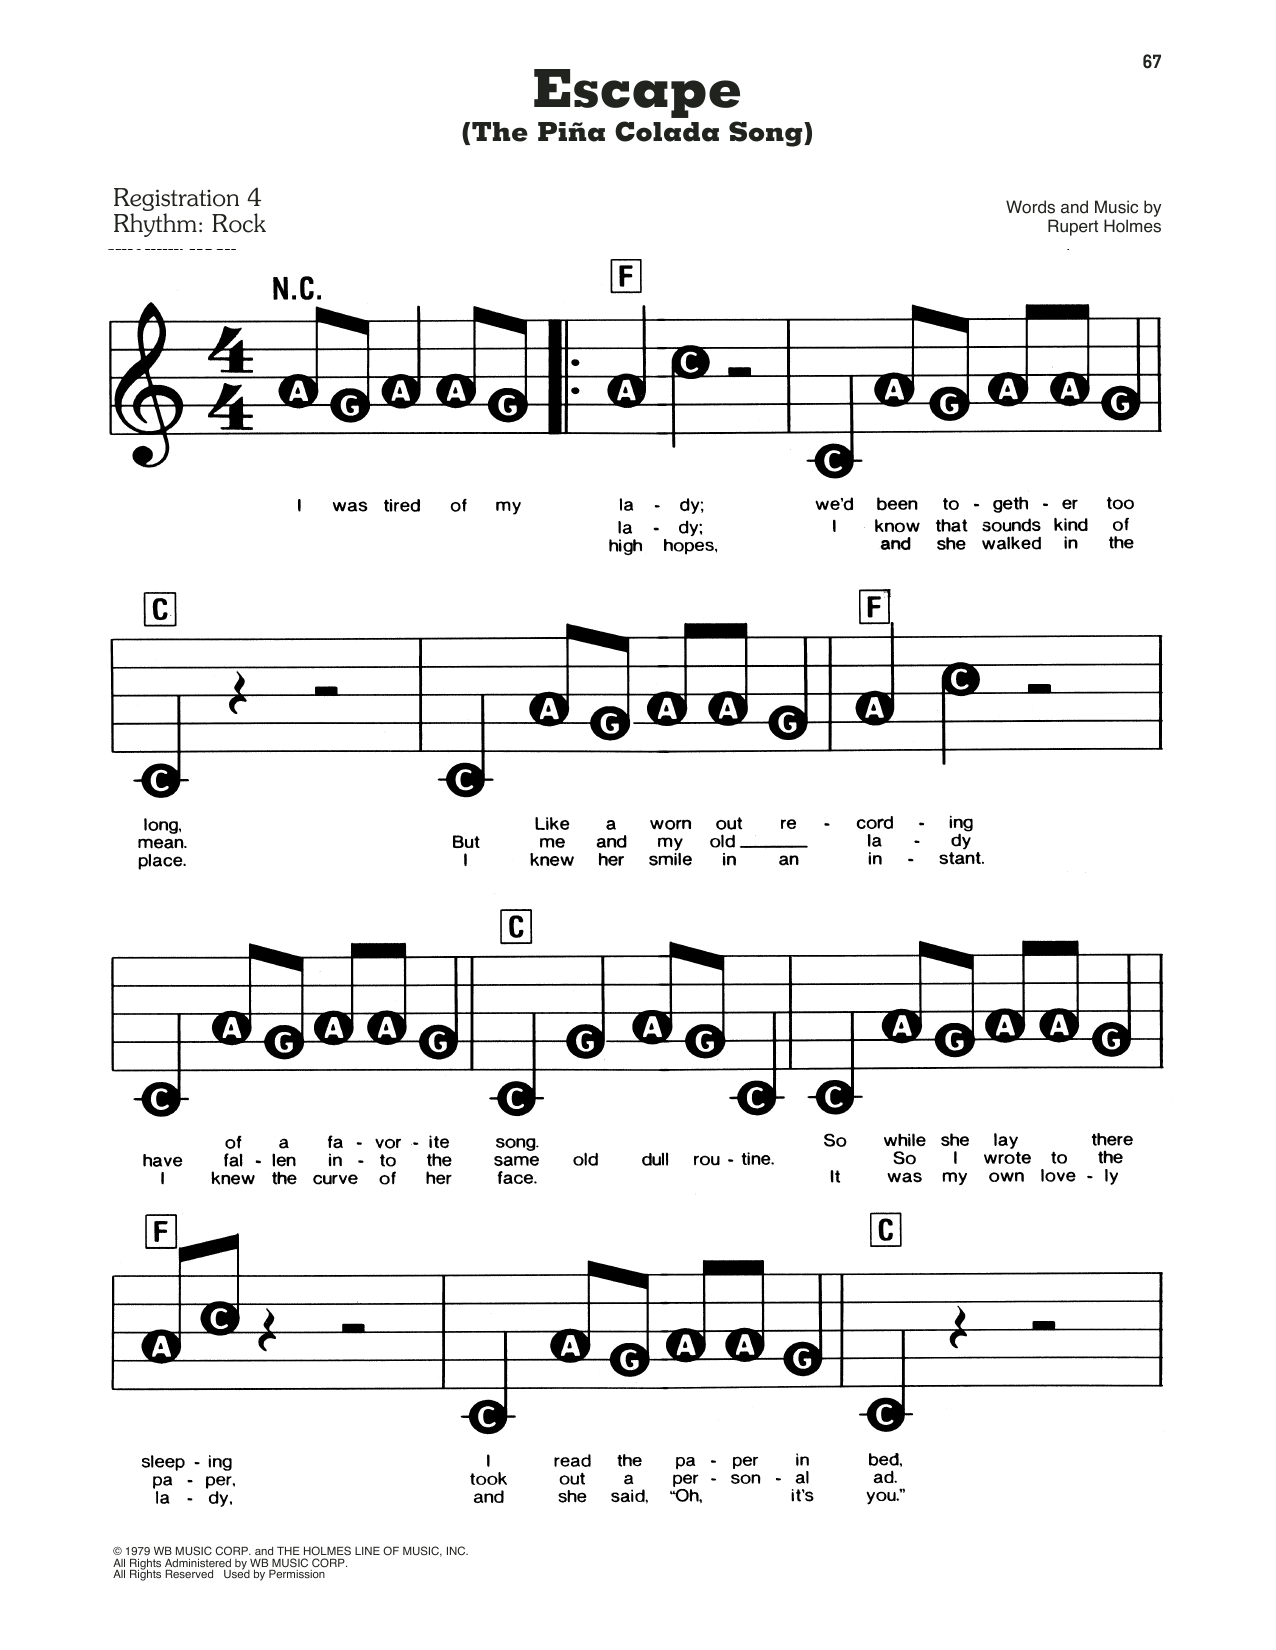 Escape (The Pina Colada Song) Partituras   Rupert Holmes   E-Z Play Today